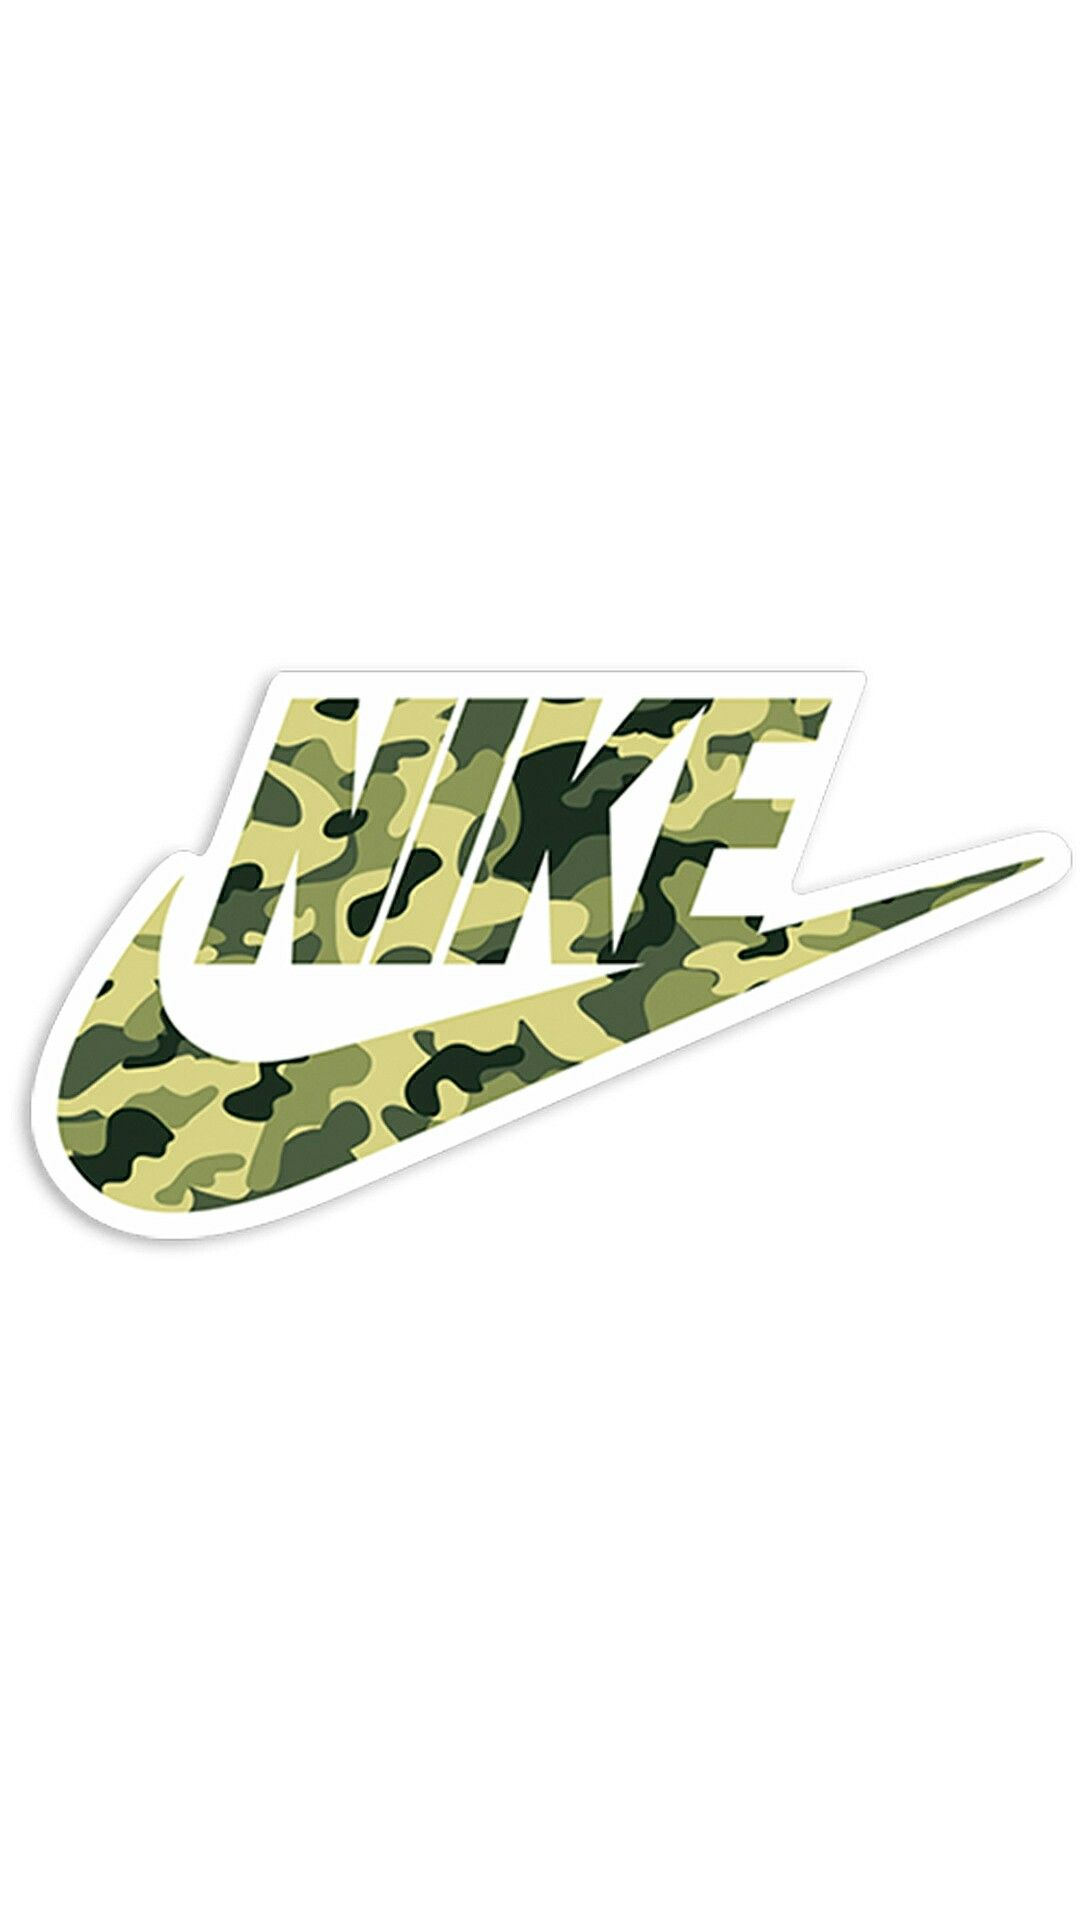 Pin by Msjbelle {Soul Medicine} on Patternz   Nike ...